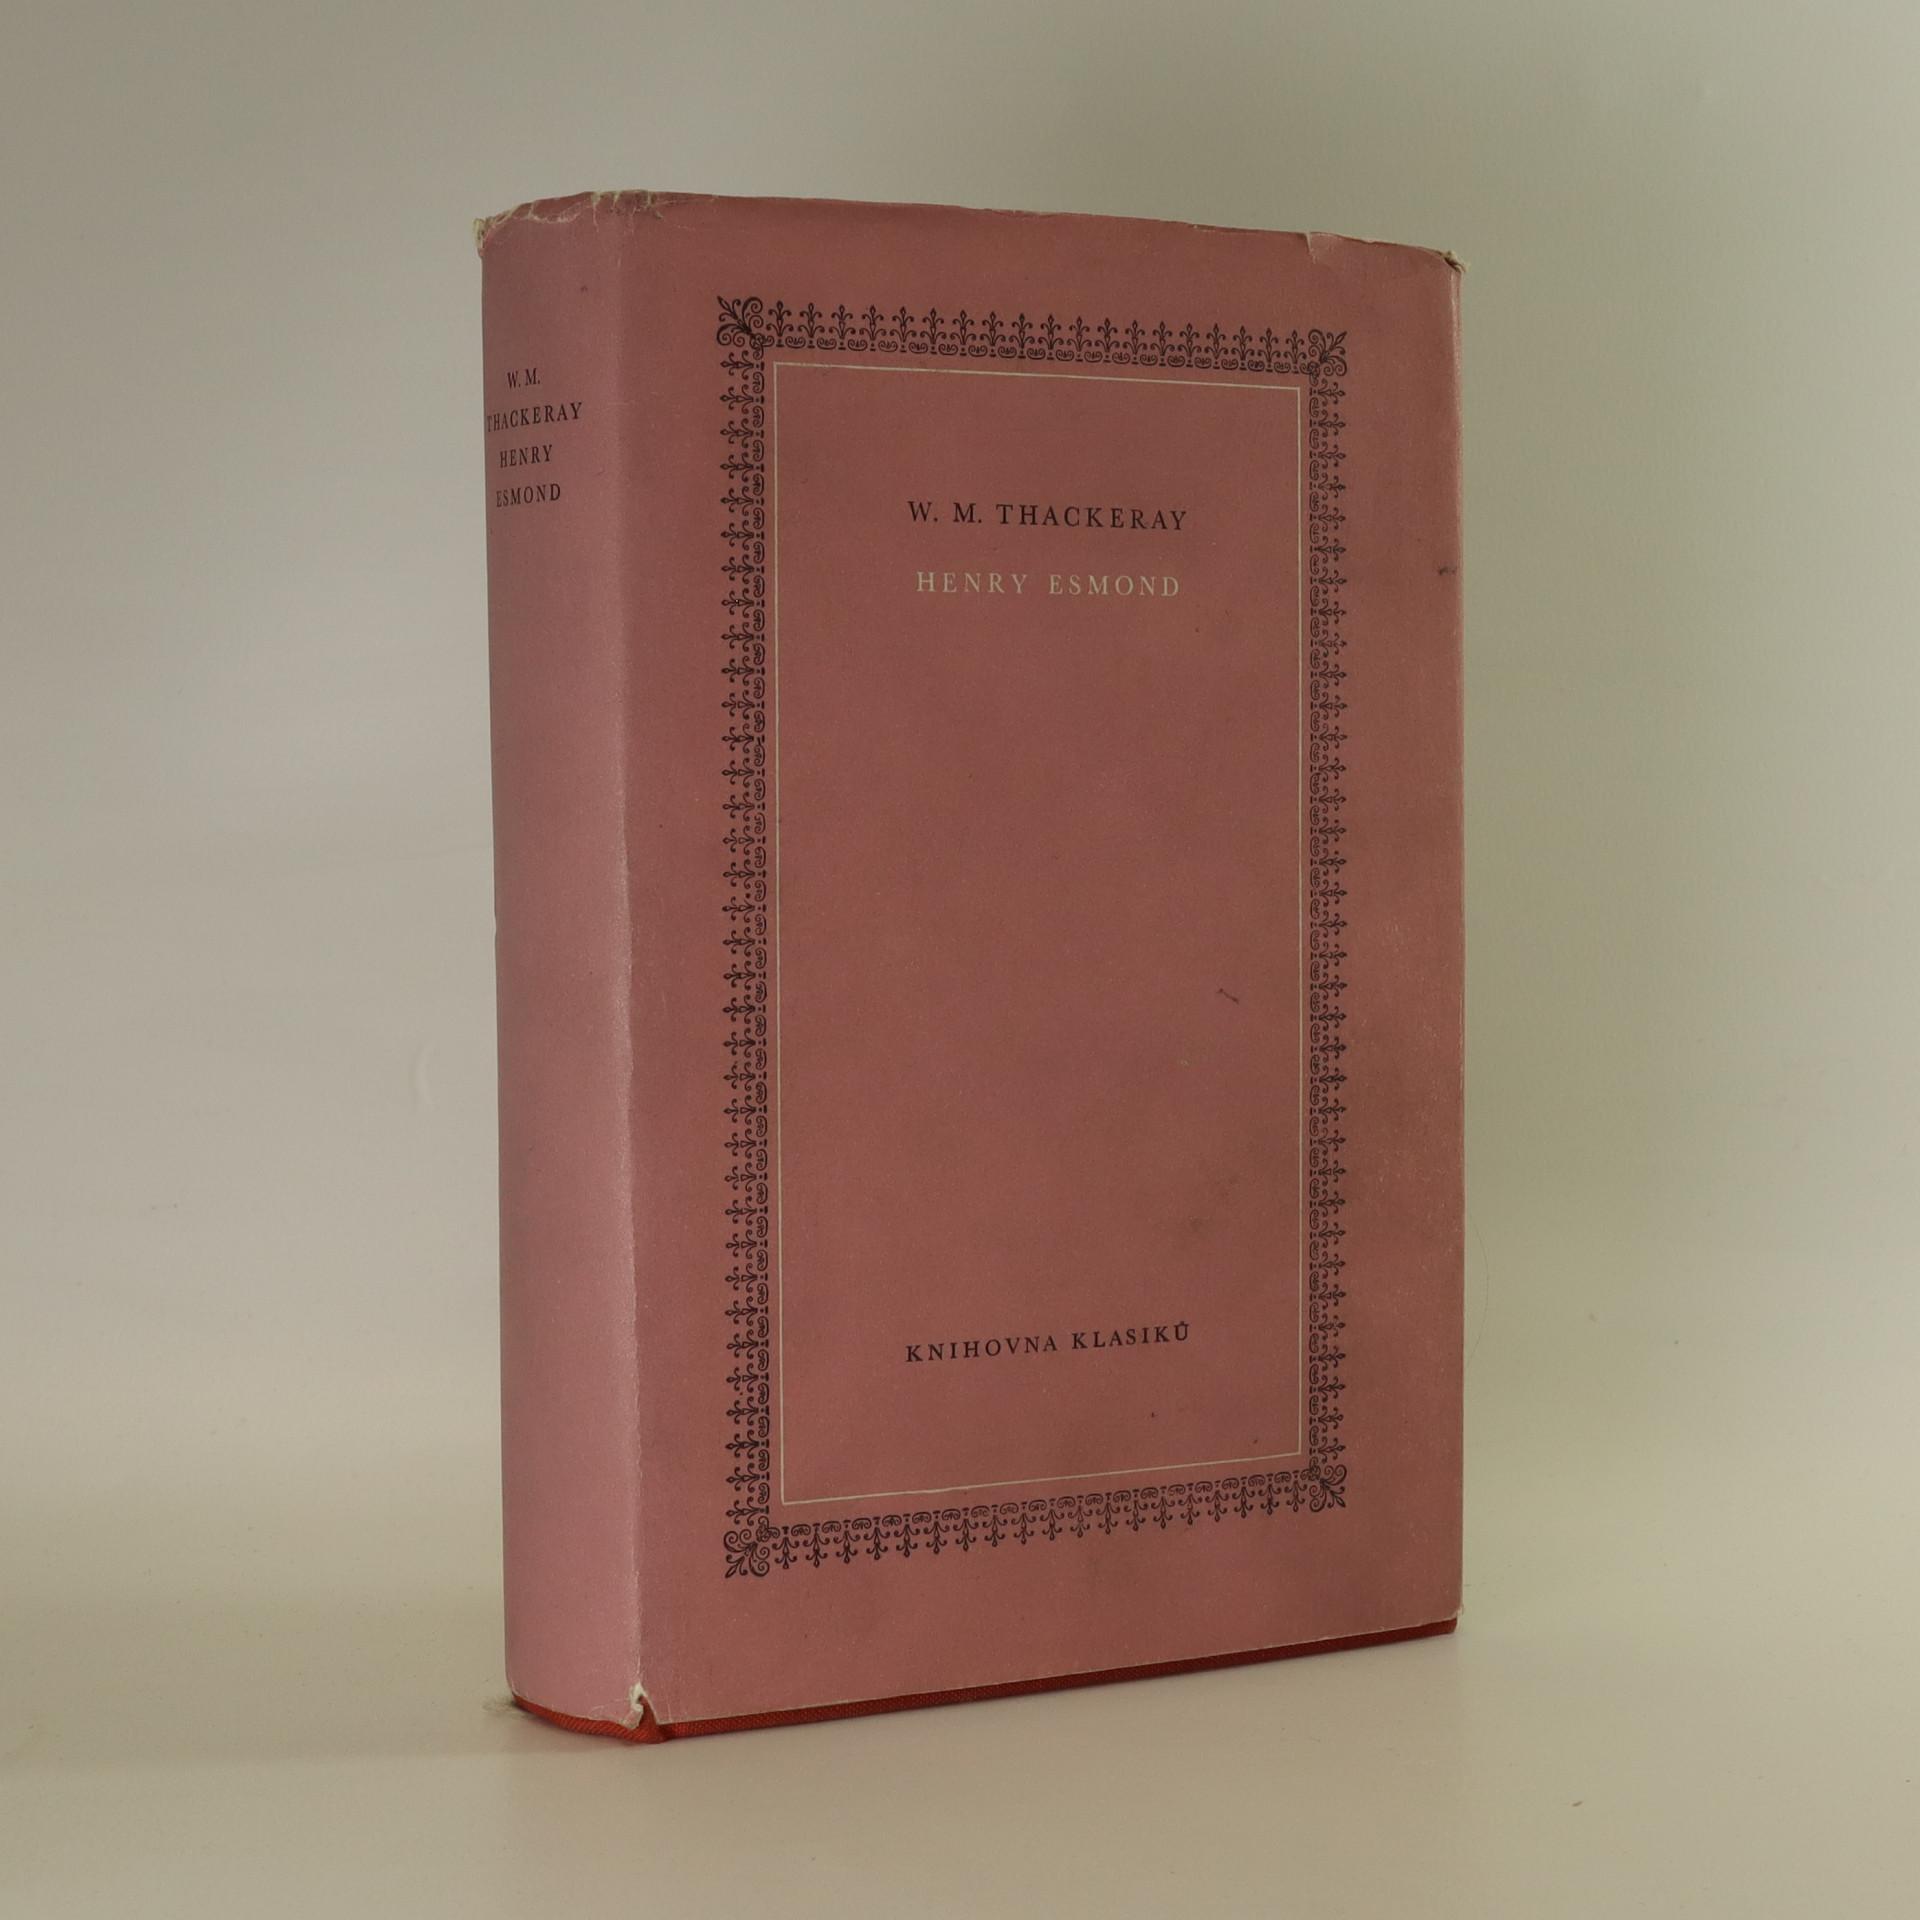 antikvární kniha Henry Esmond, 1963